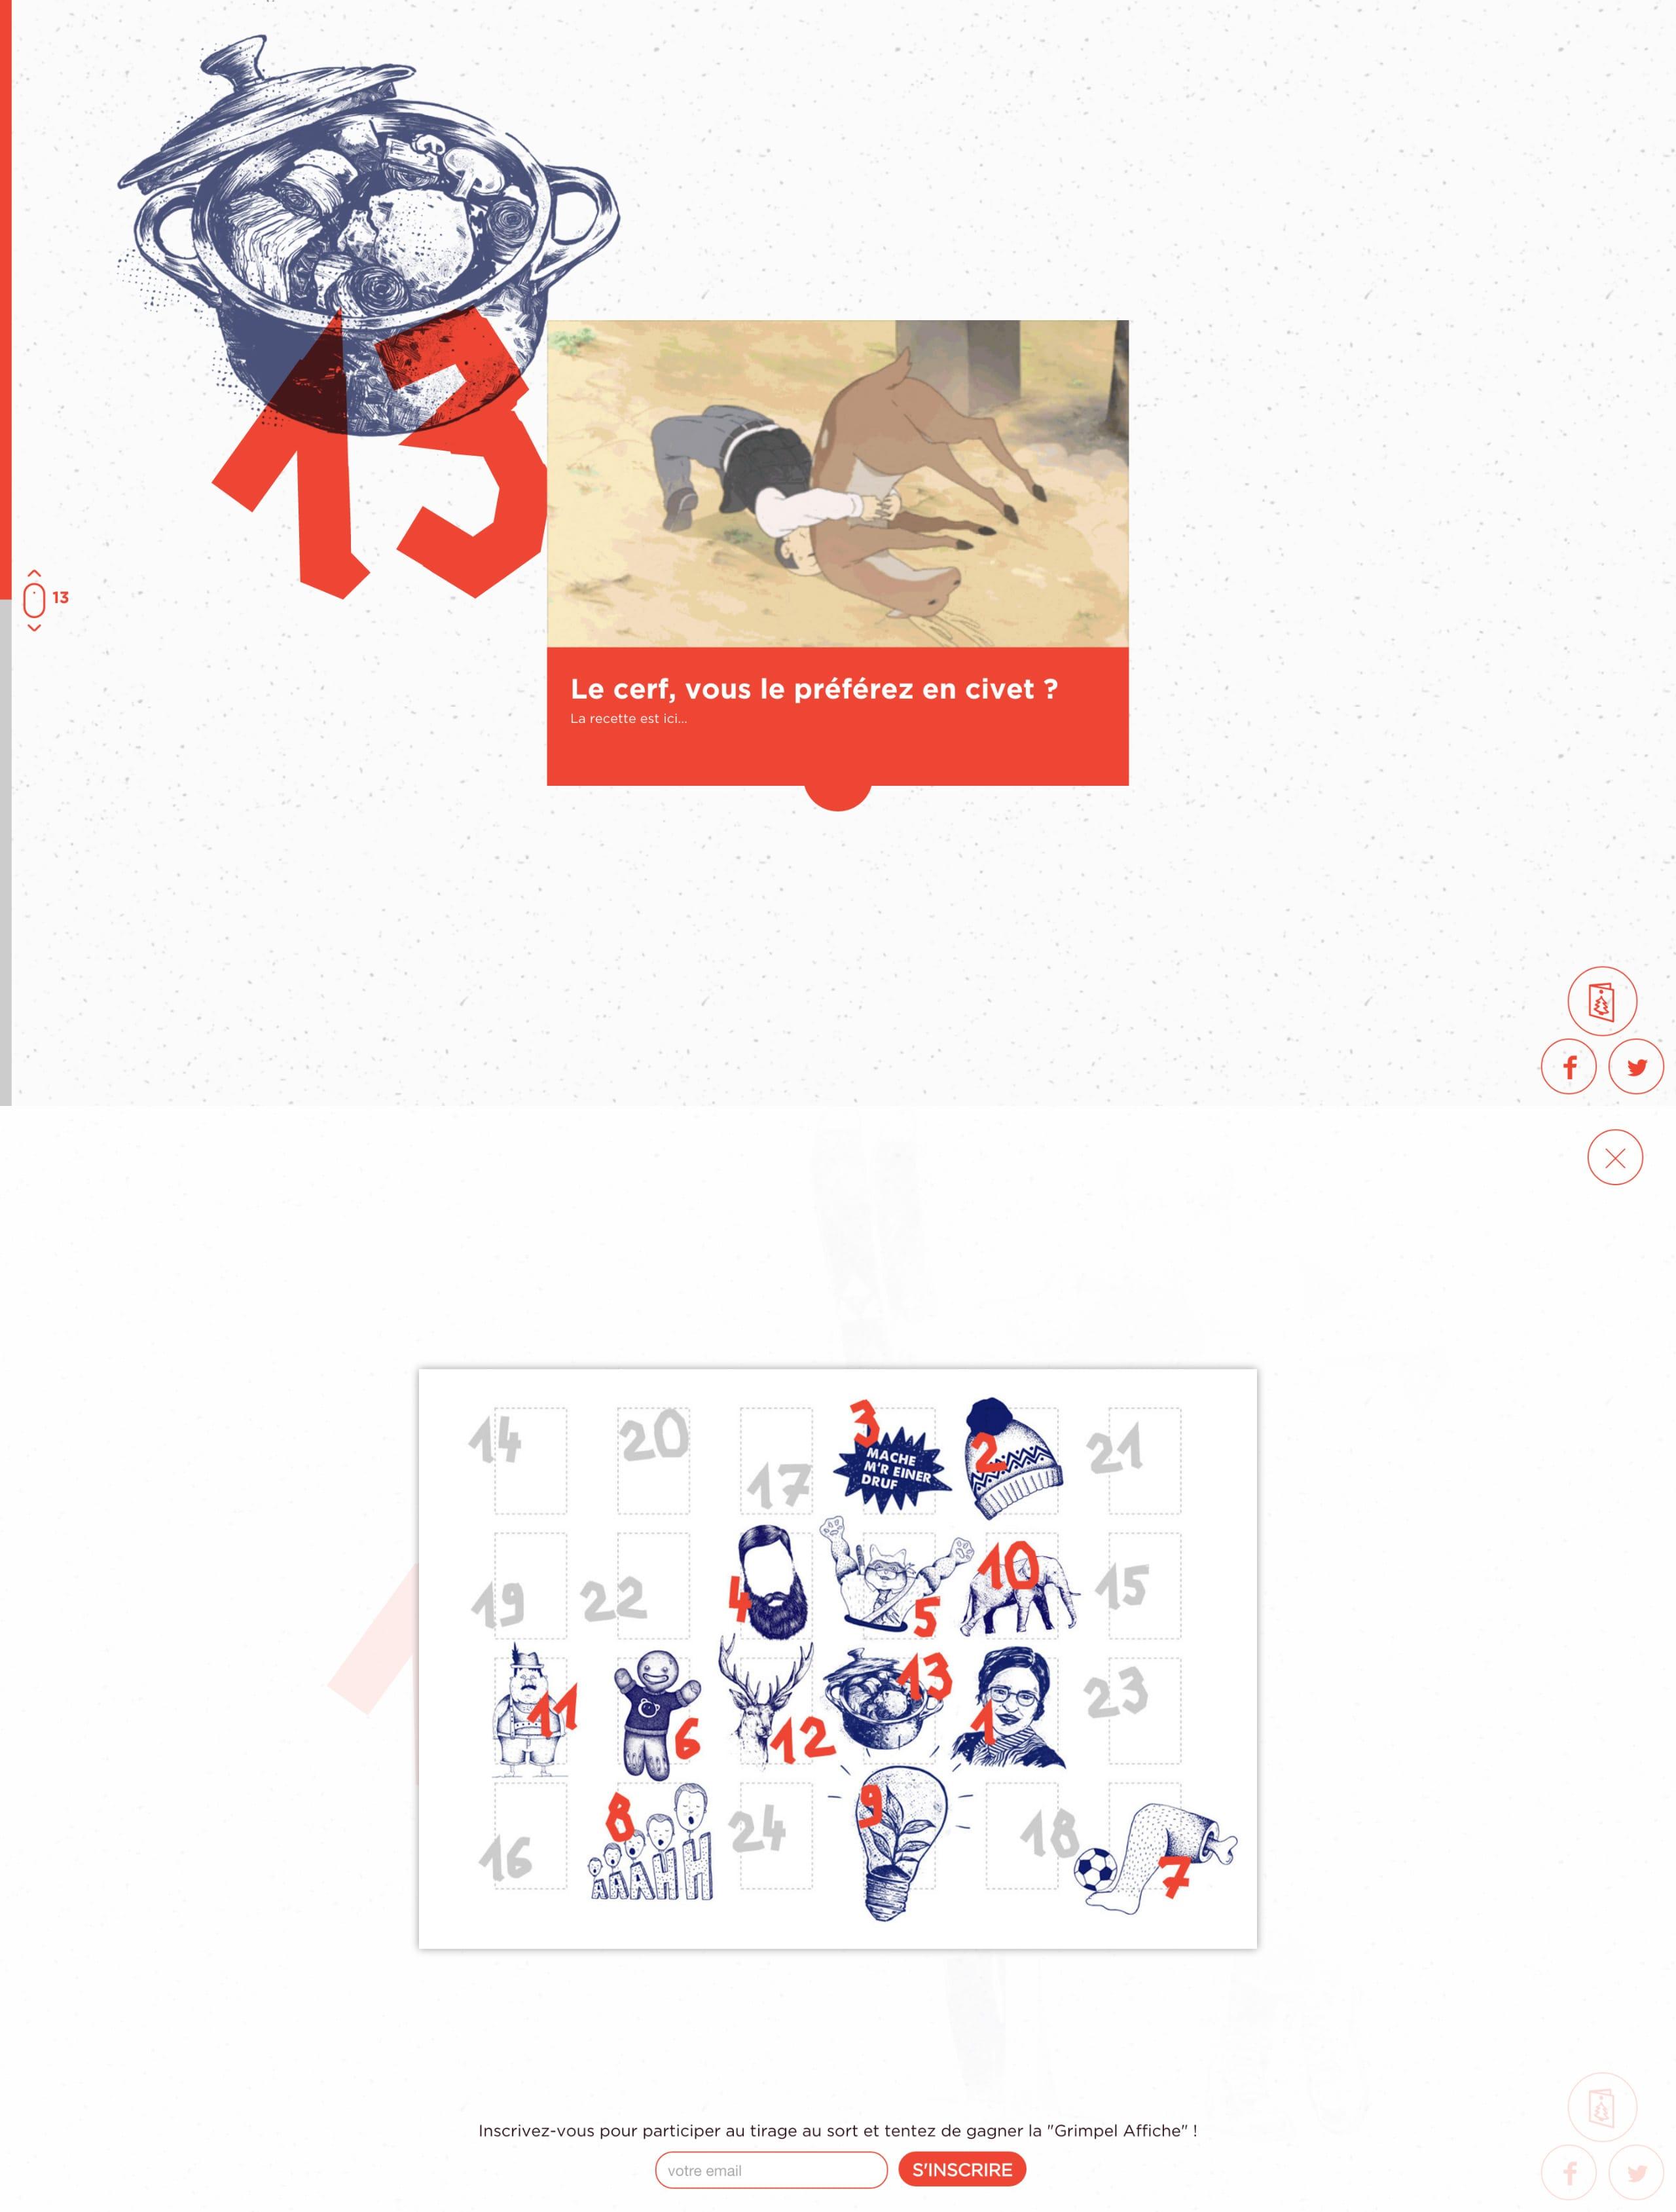 Grimpel Website Screenshot